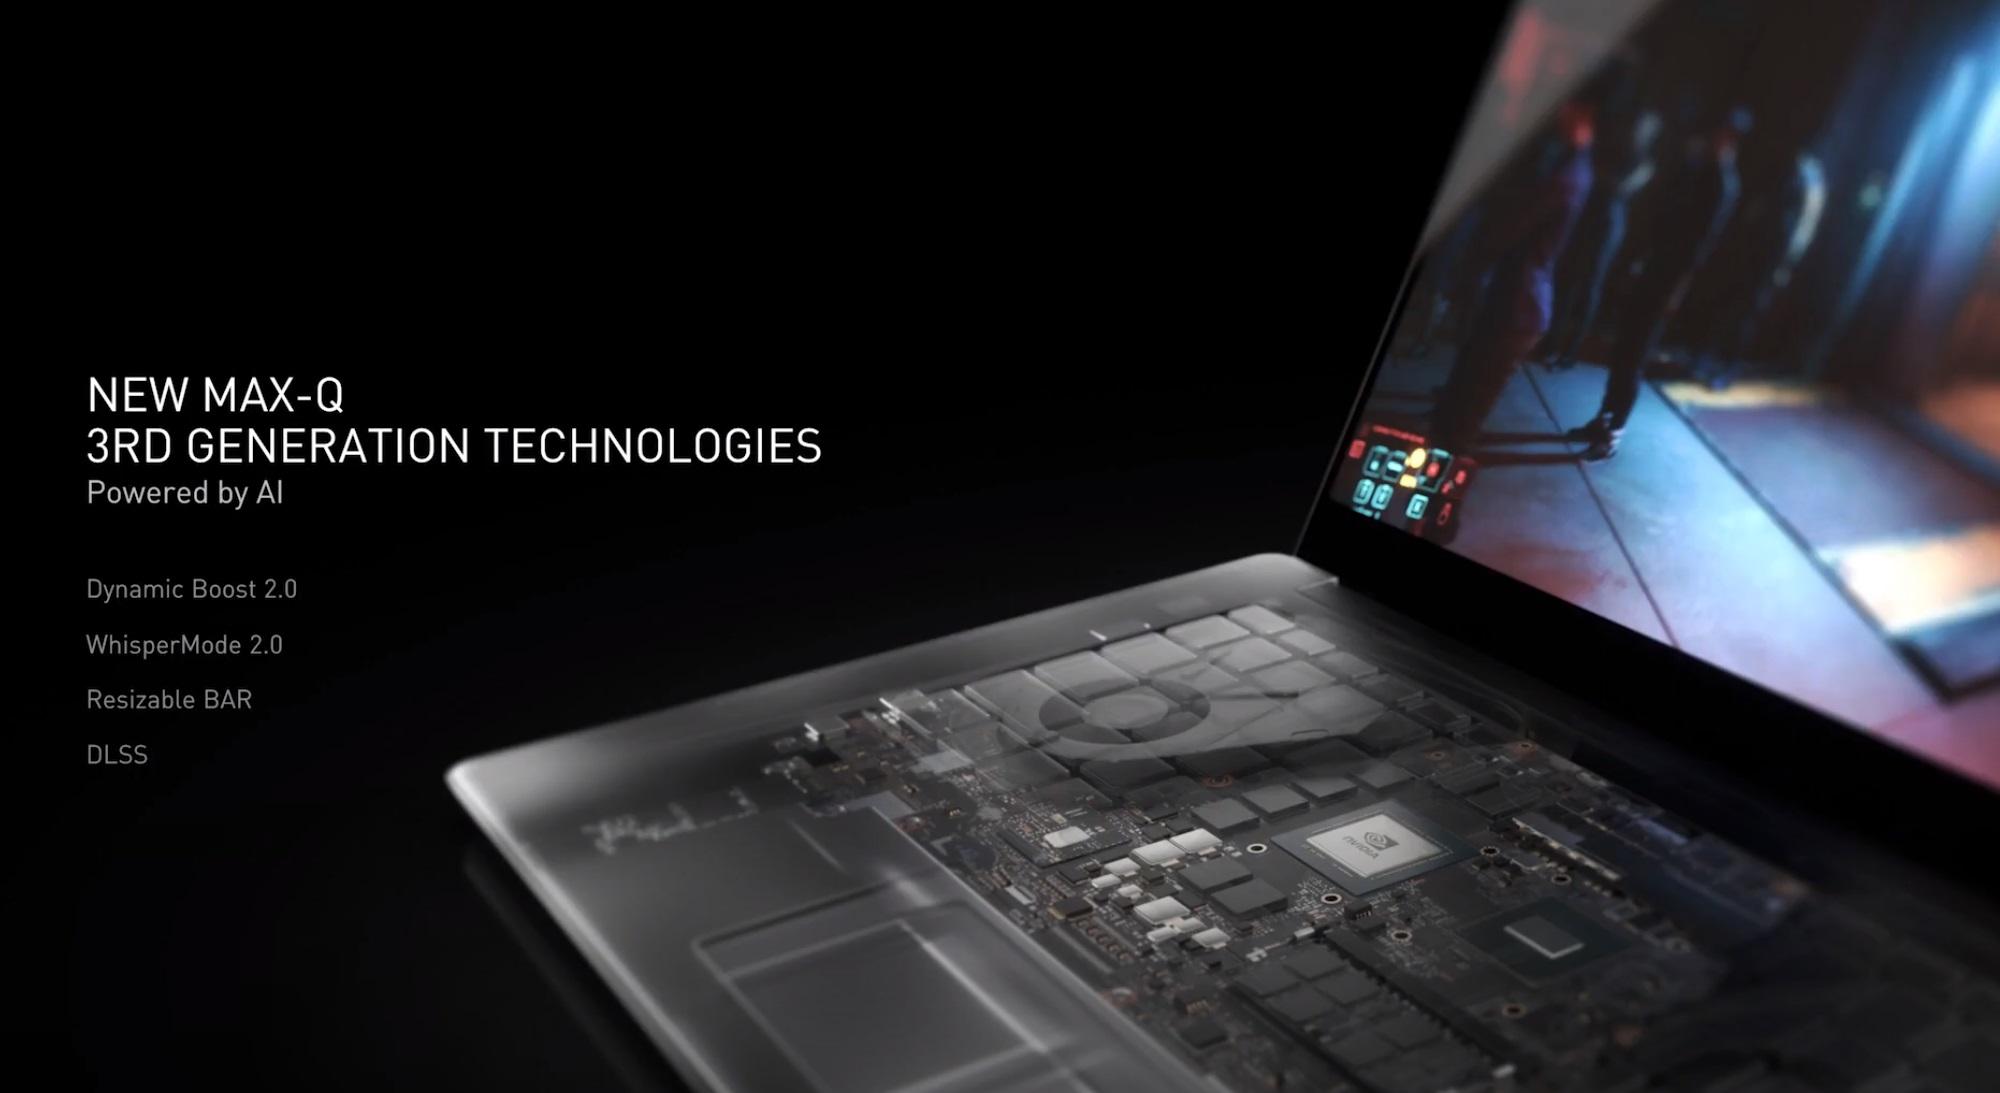 ASUS TUF Dash F15 con RTX 3060 Mobile, análisis: Gaming en un portátil ligero y asequible 37